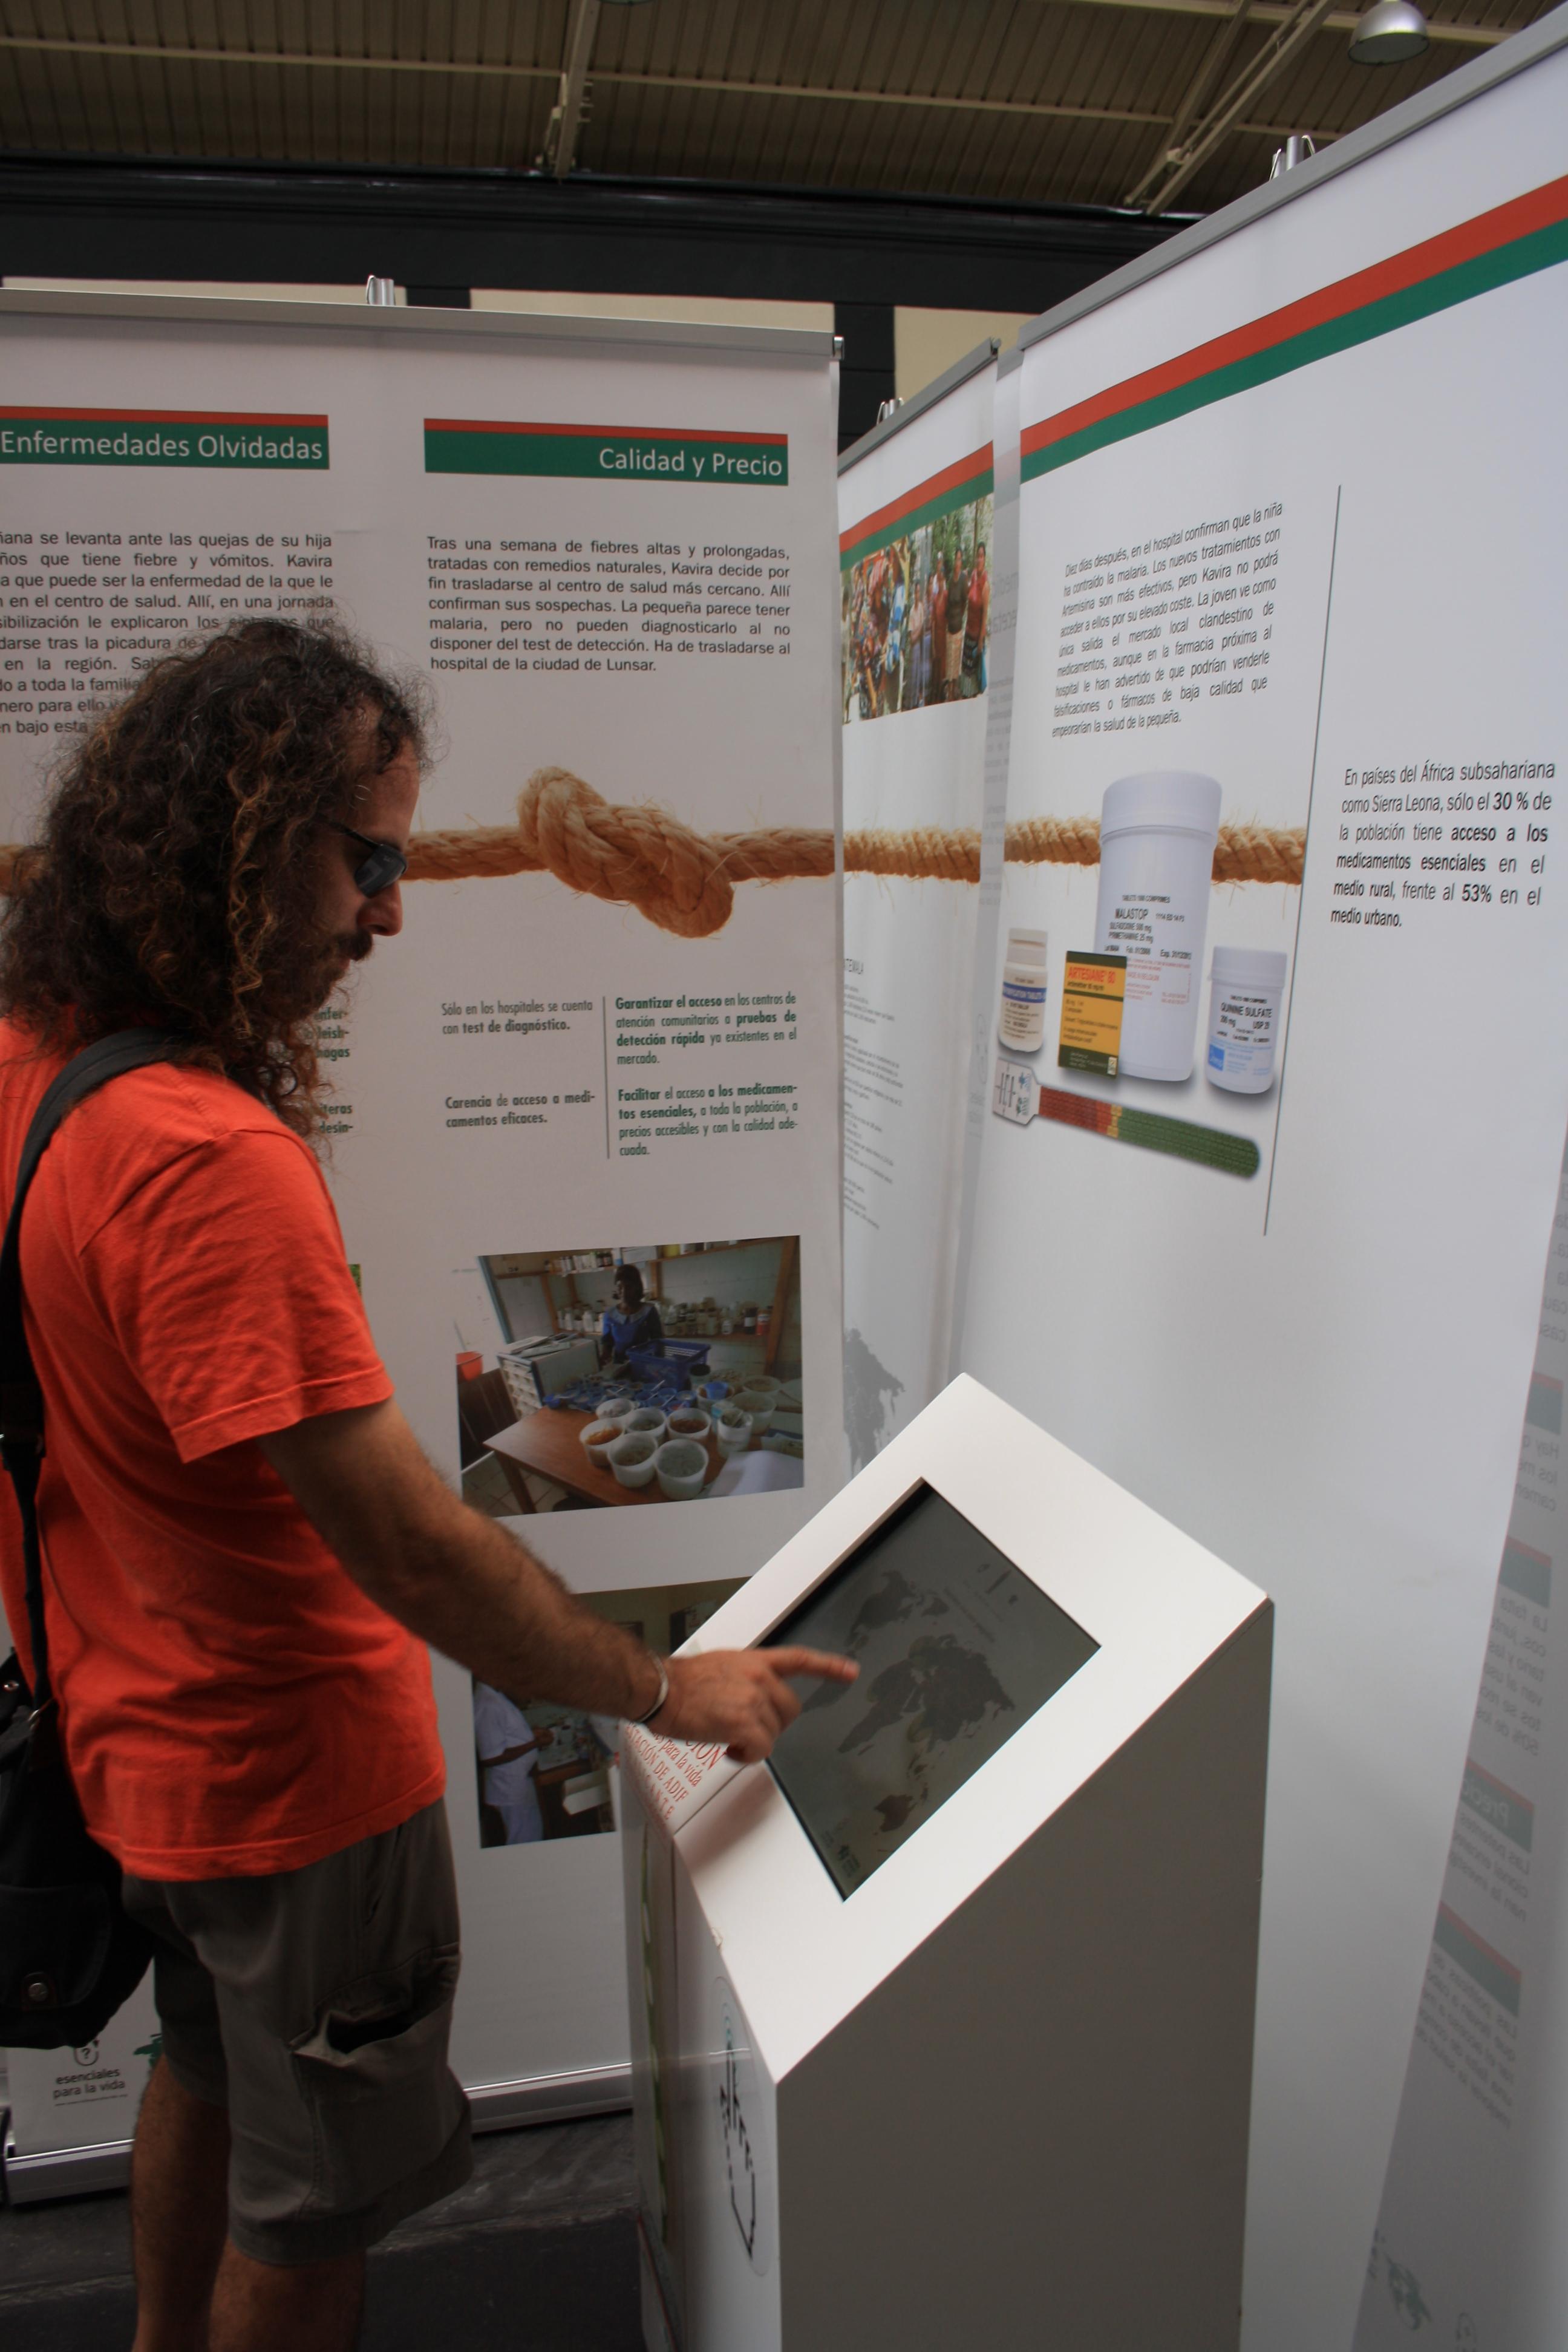 Exposición-ExV-ADIF-Alicante-Julio-2014-1